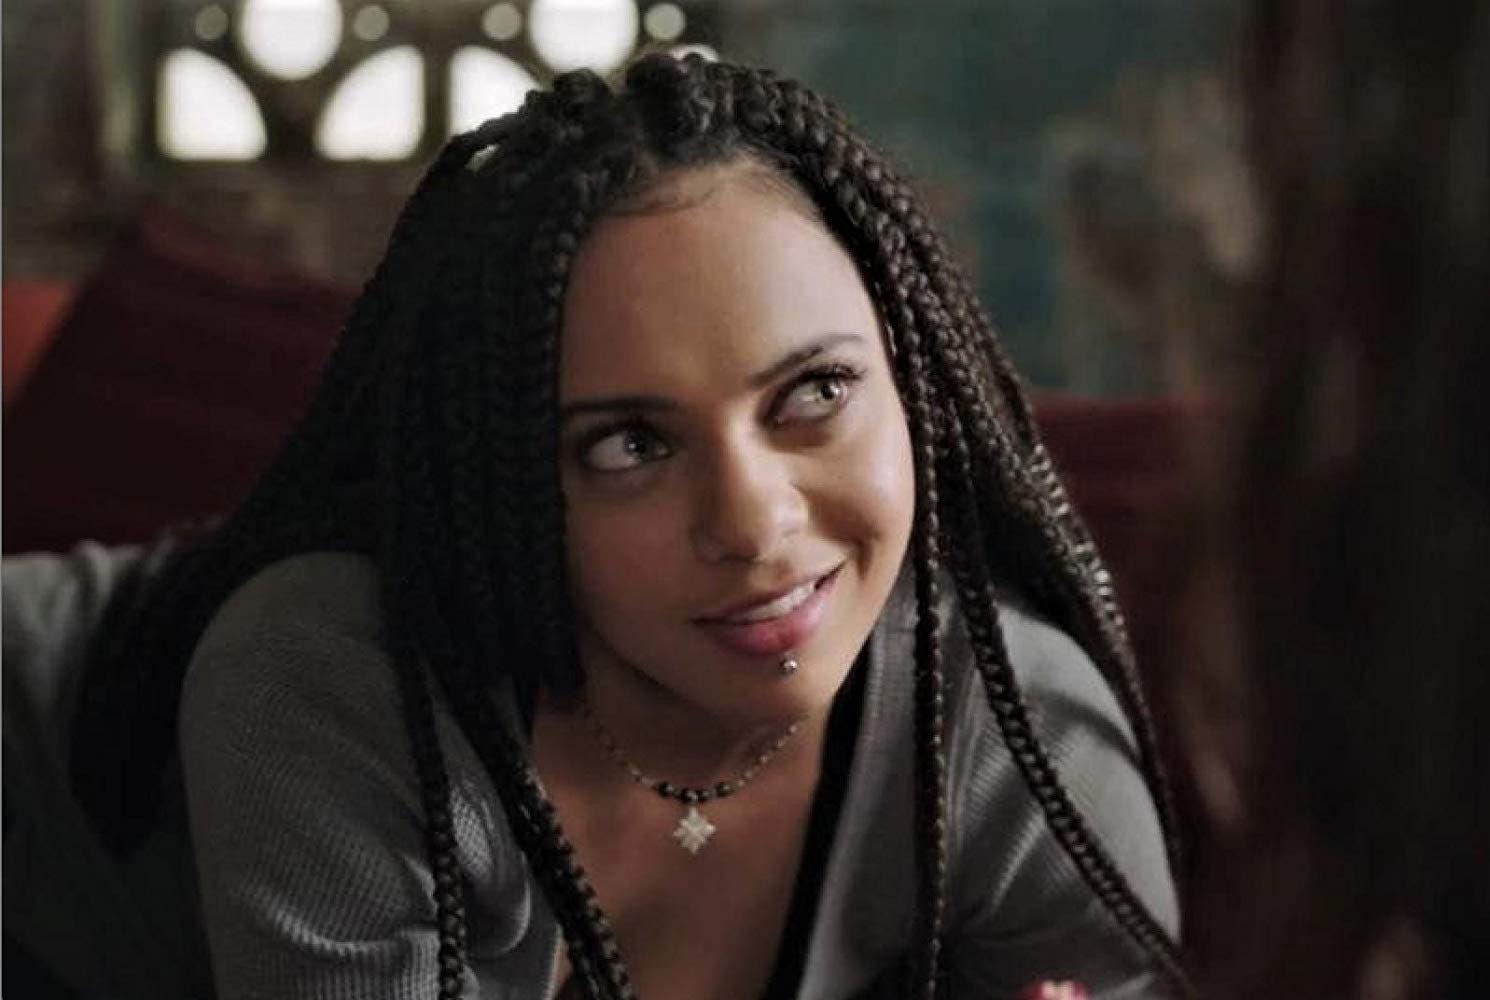 Angelina Muniz Nova streghe: il reboot è servito… su rai 2 | davidemaggio.it